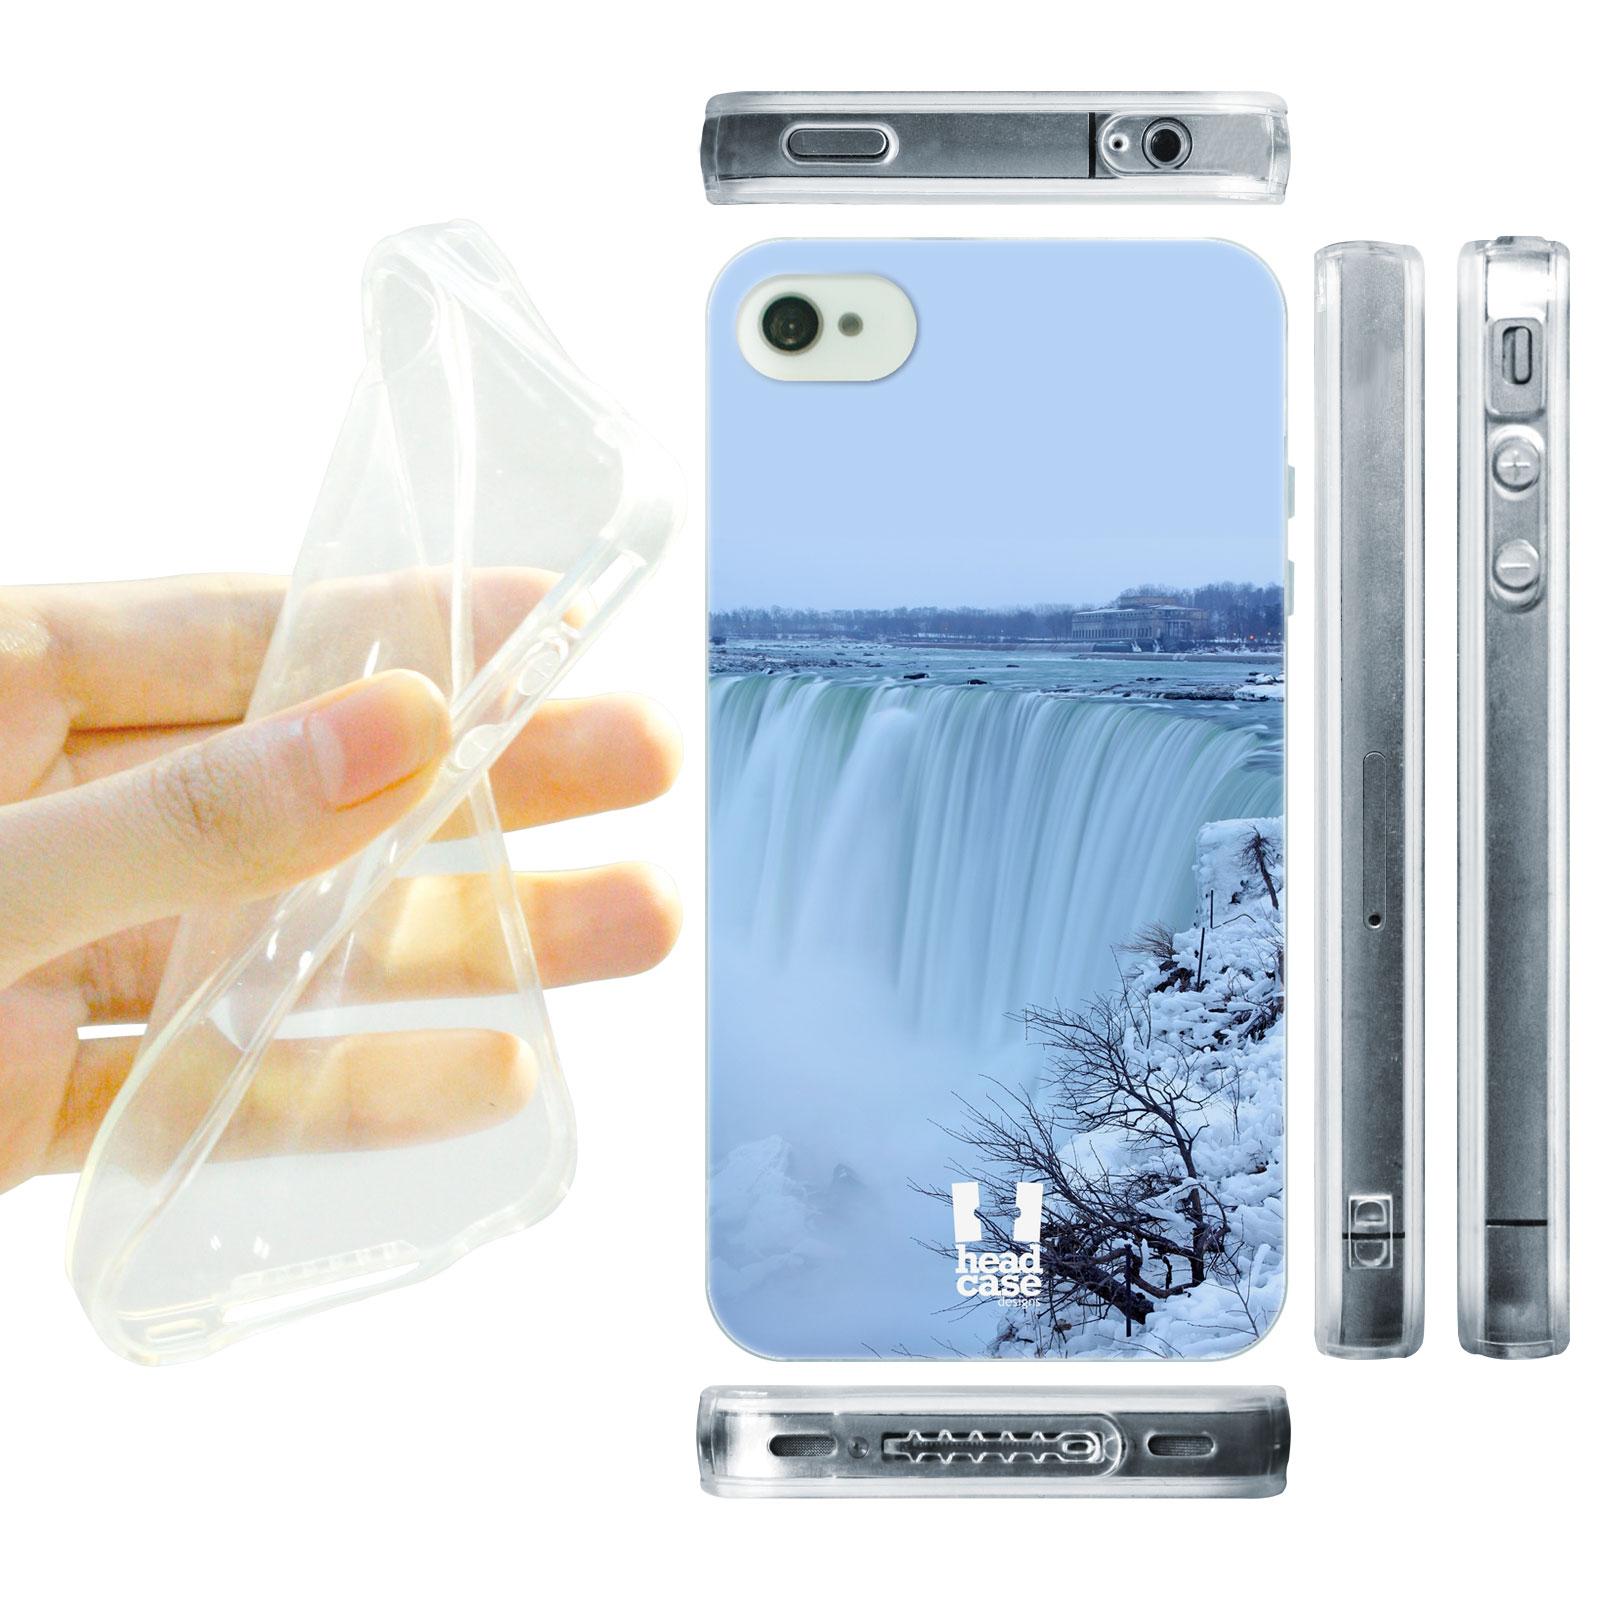 HEAD CASE silikonový obal na mobil Iphone 4/4S foto Niagarské vodopády zima